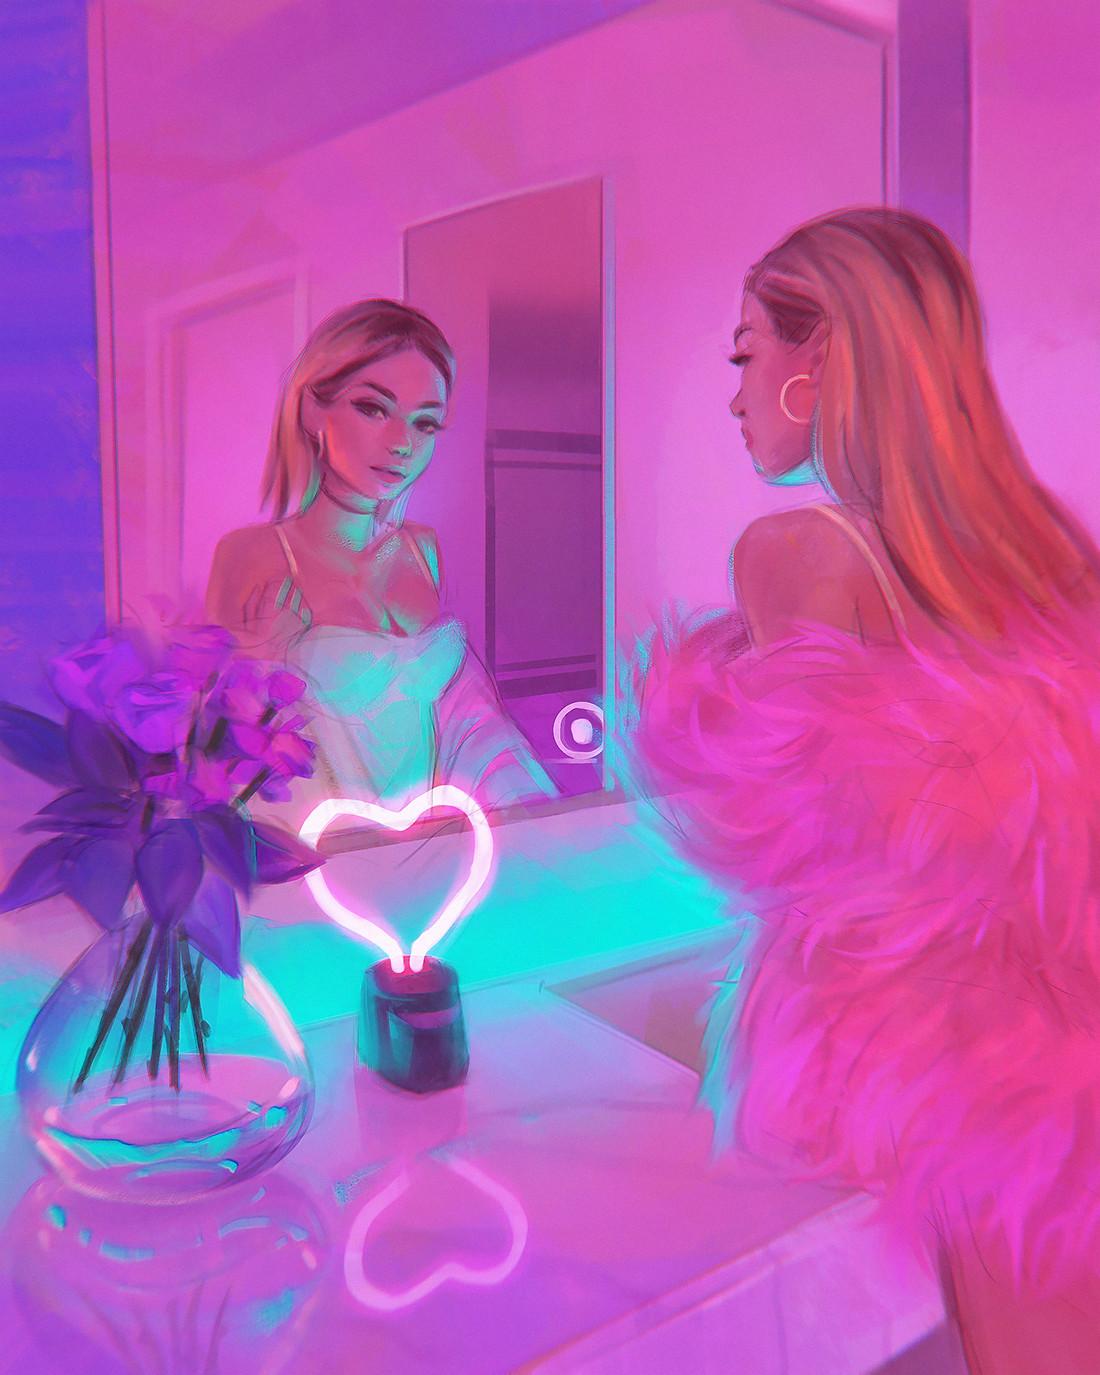 Angel ganev 2018 4 6 copy